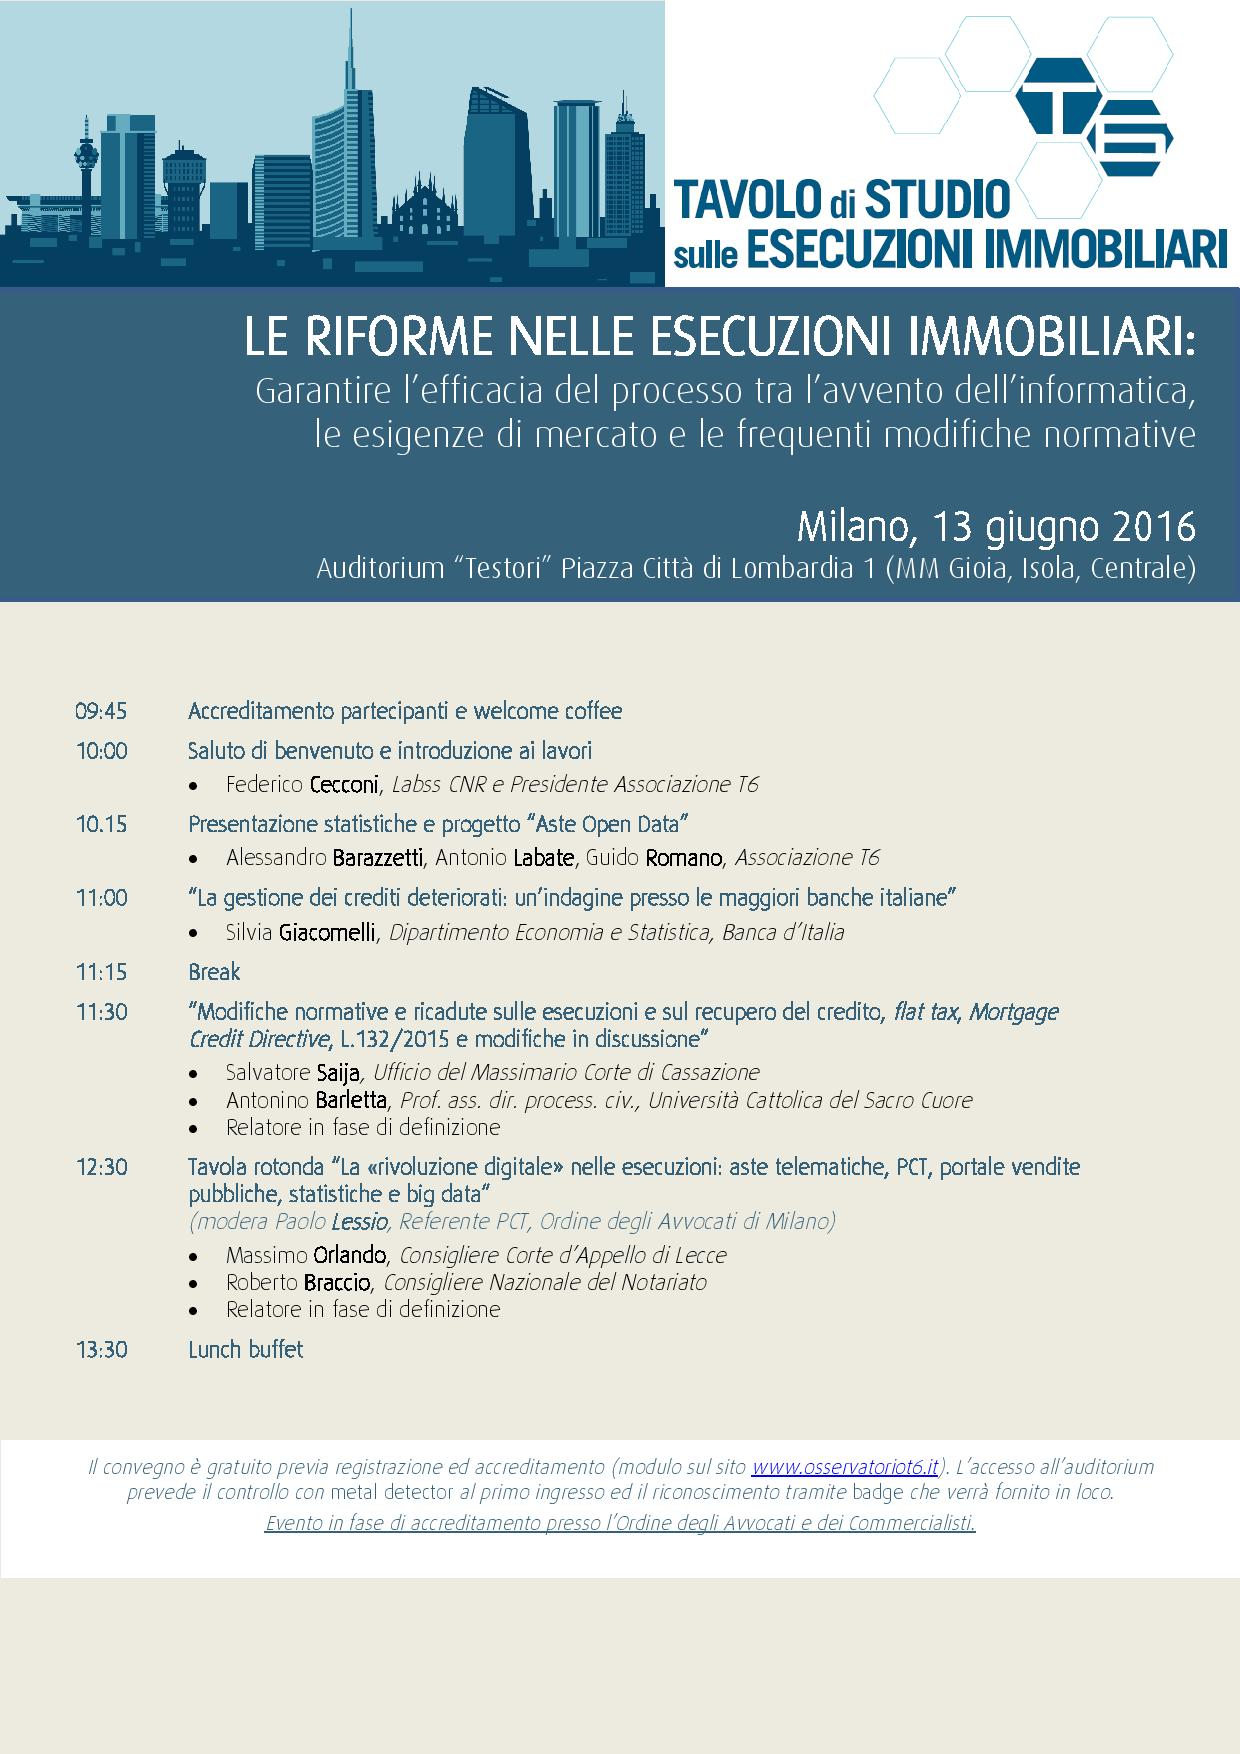 LE RIFORME NELLE ESECUZIONI IMMOBILIARI: Garantire l'efficacia del processo tra l'avvento dell'informatica, le esigenze di mercato e le frequenti modifiche normative